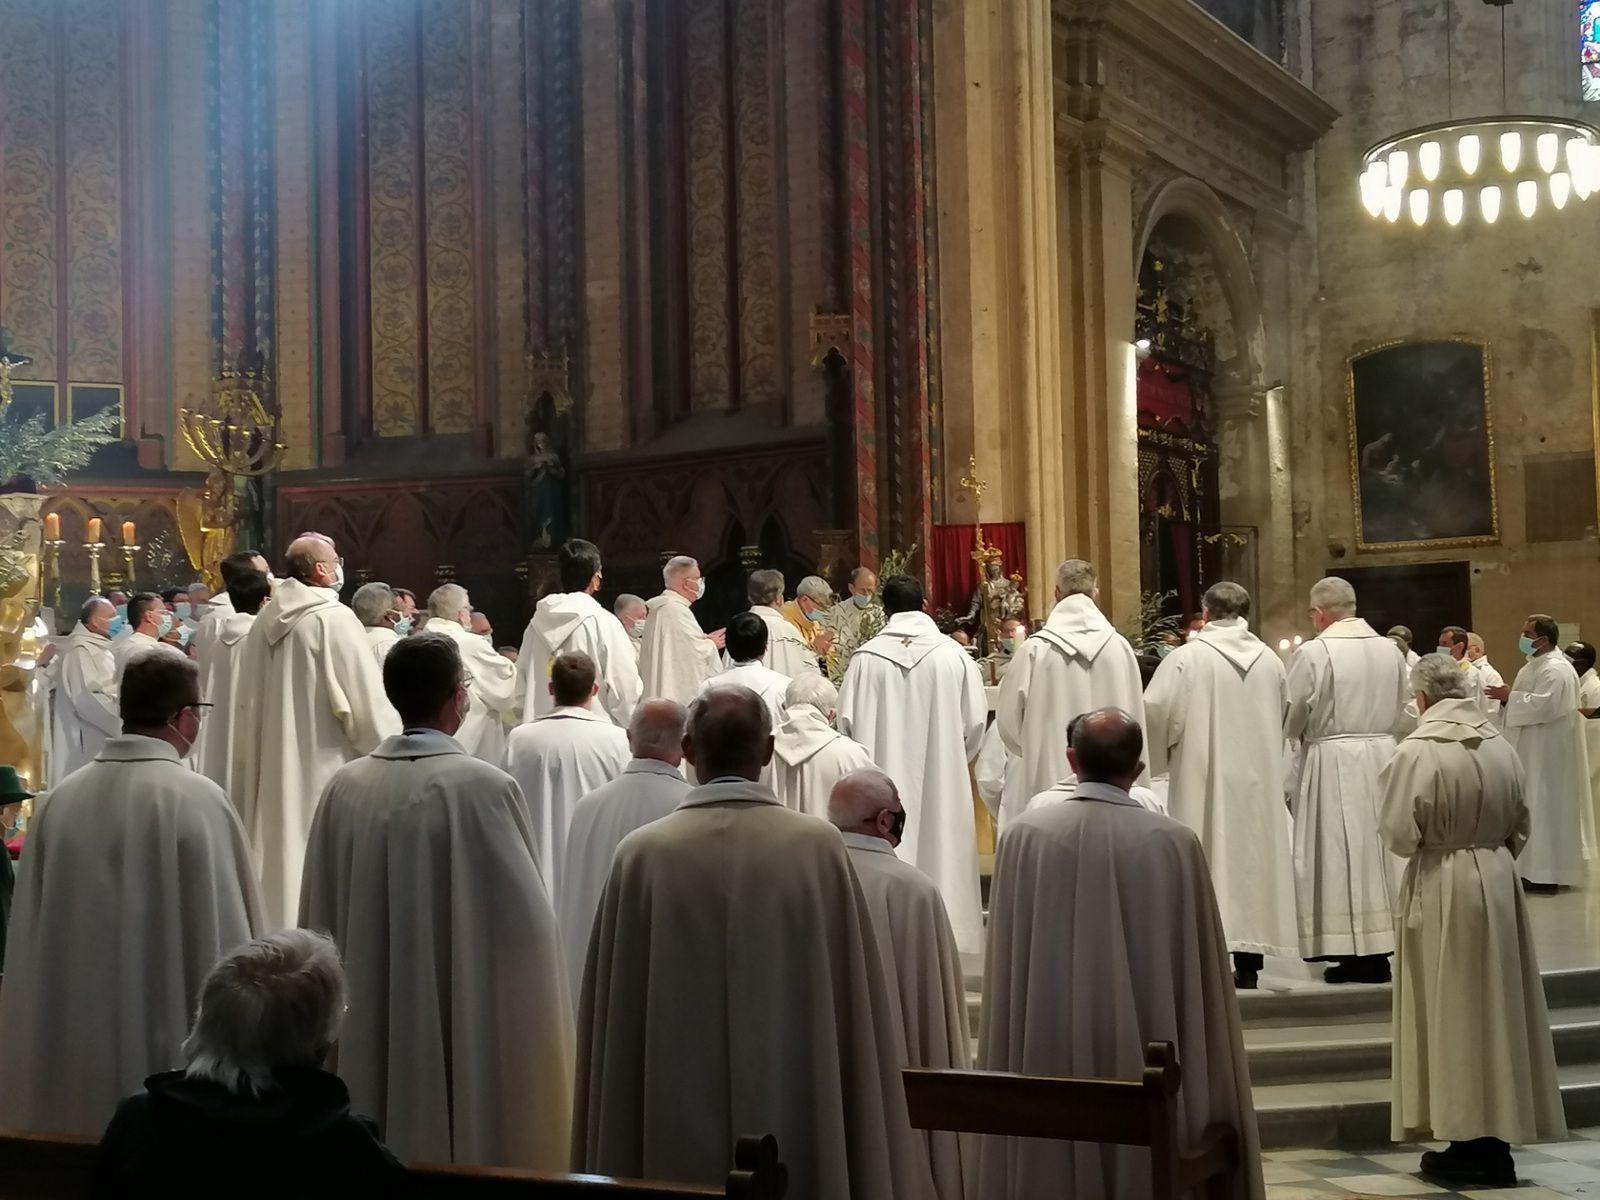 Prêtres, diacres et fidèles sont invités à cette célébration qui manifeste l'unité de toute la communauté diocésaine autour de son évêque.